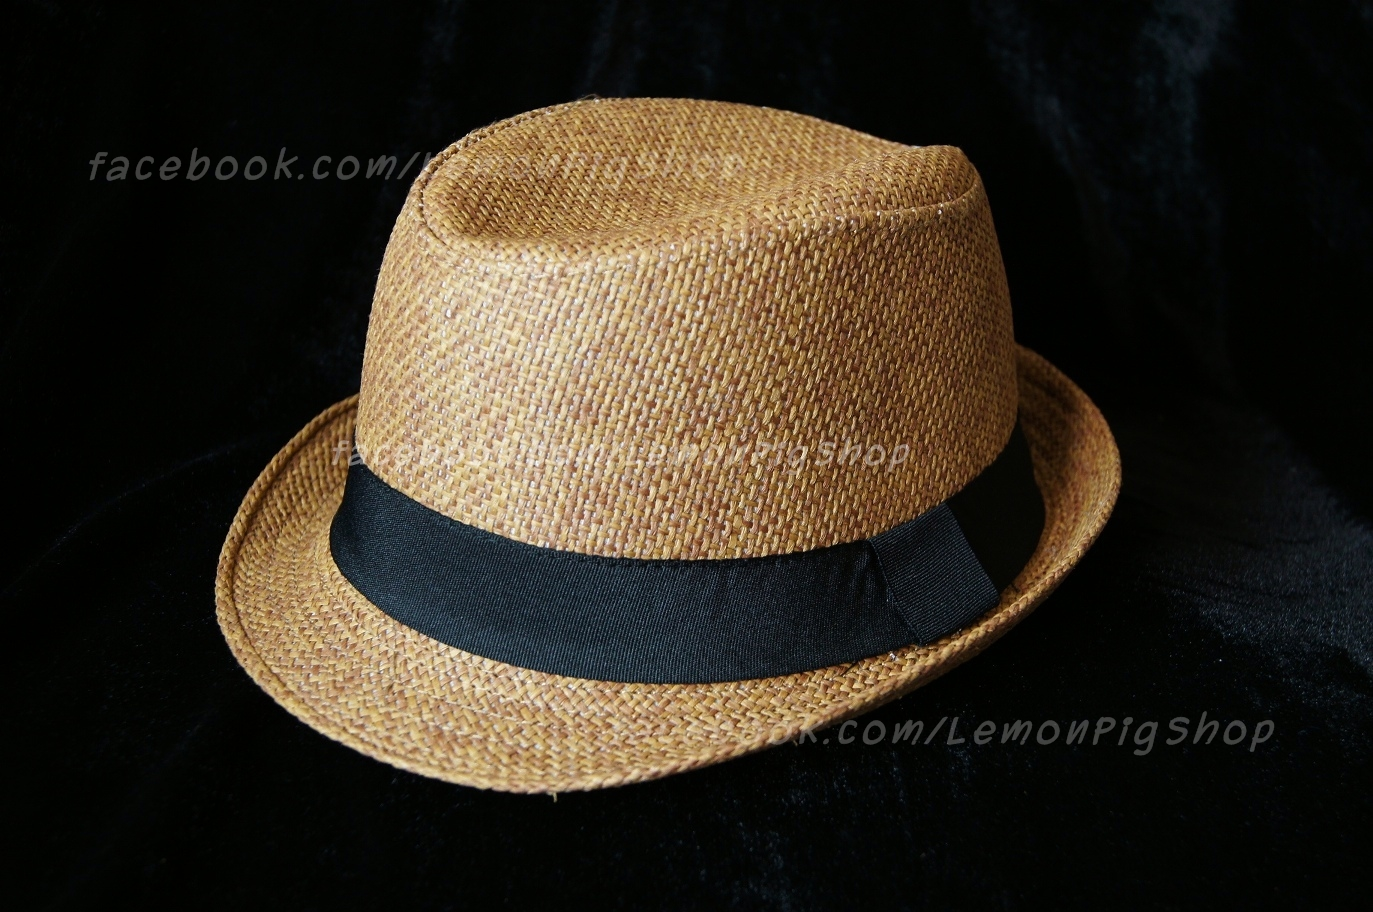 หมวกสาน ทรงไมเคิล สีน้ำตาลขอบเรียบ แถบดำ ฮิตๆ !!!